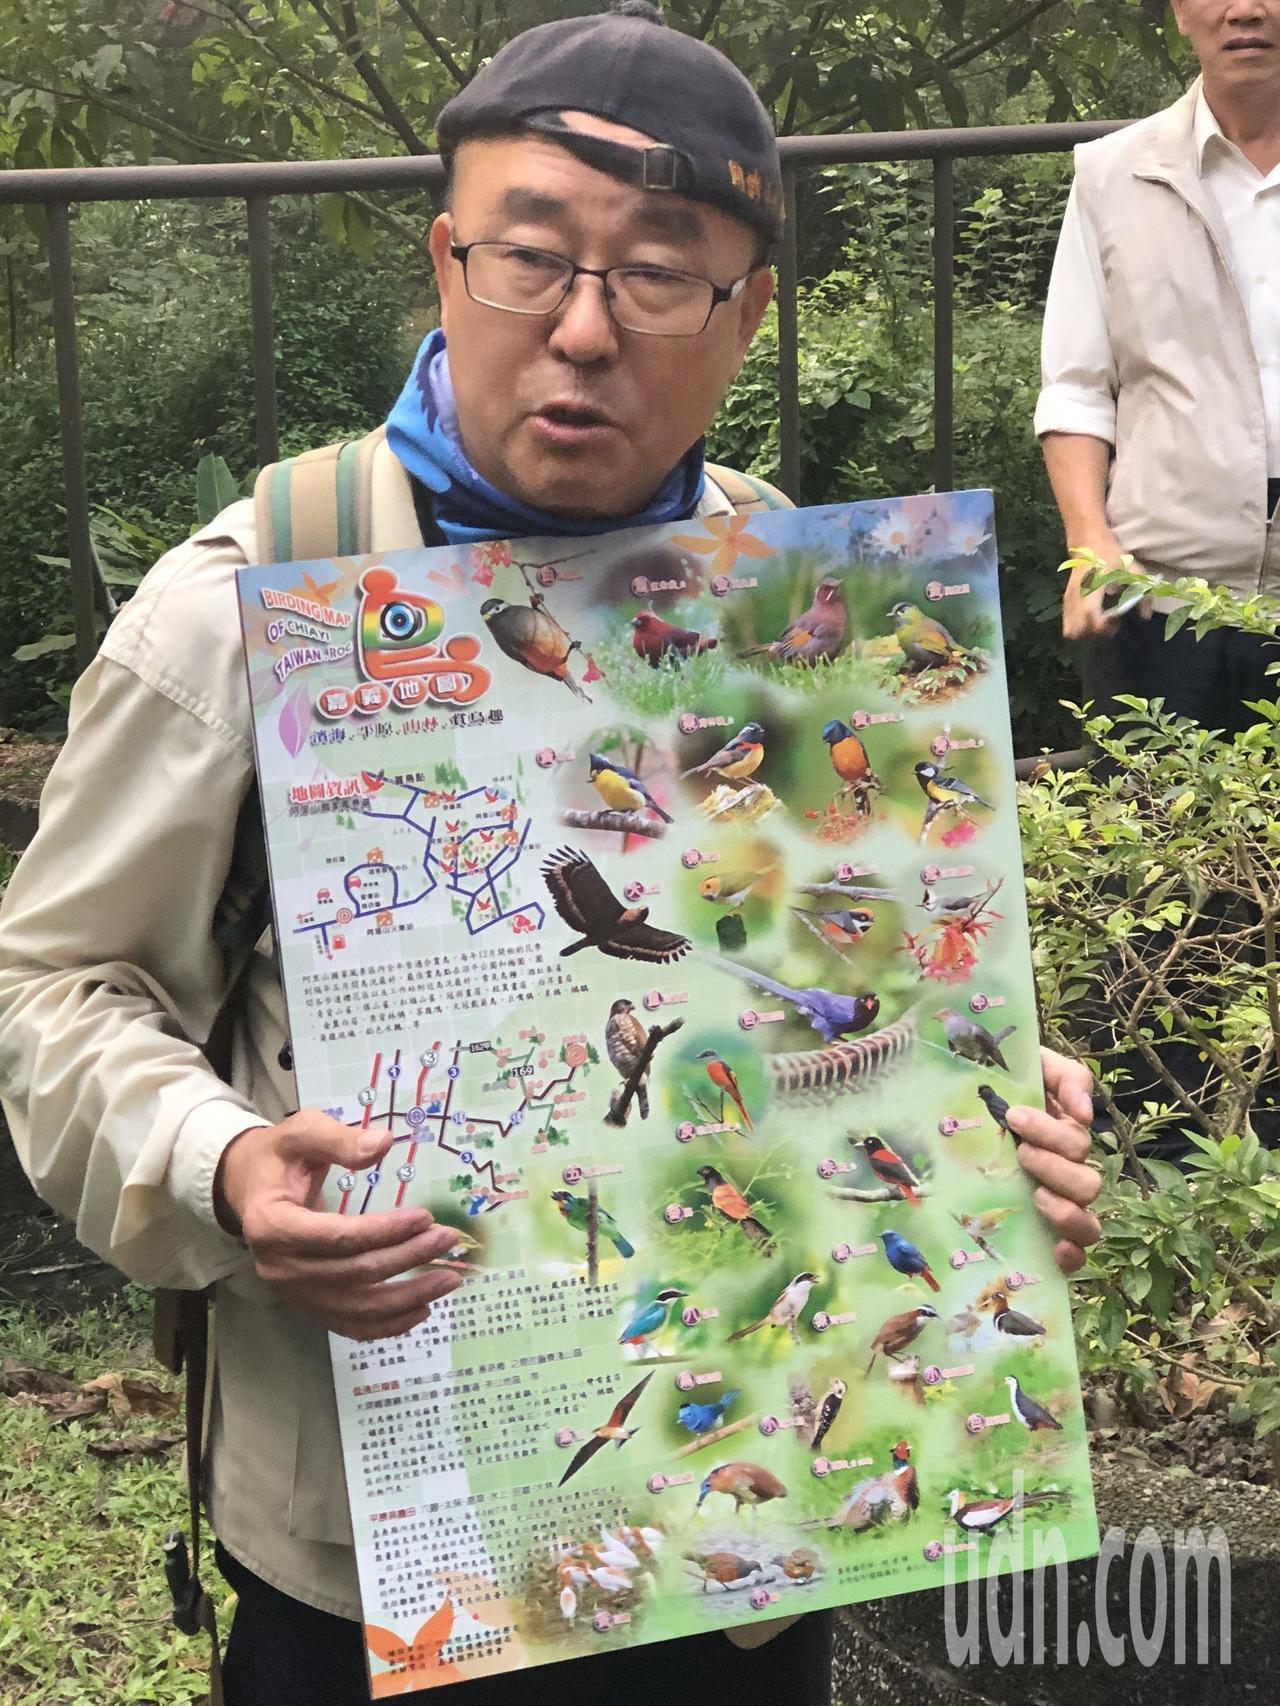 雲林縣野鳥學會理事趙士儀神父,上午在嘉義公園導覽賞鳥活動。記者魯永明/攝影